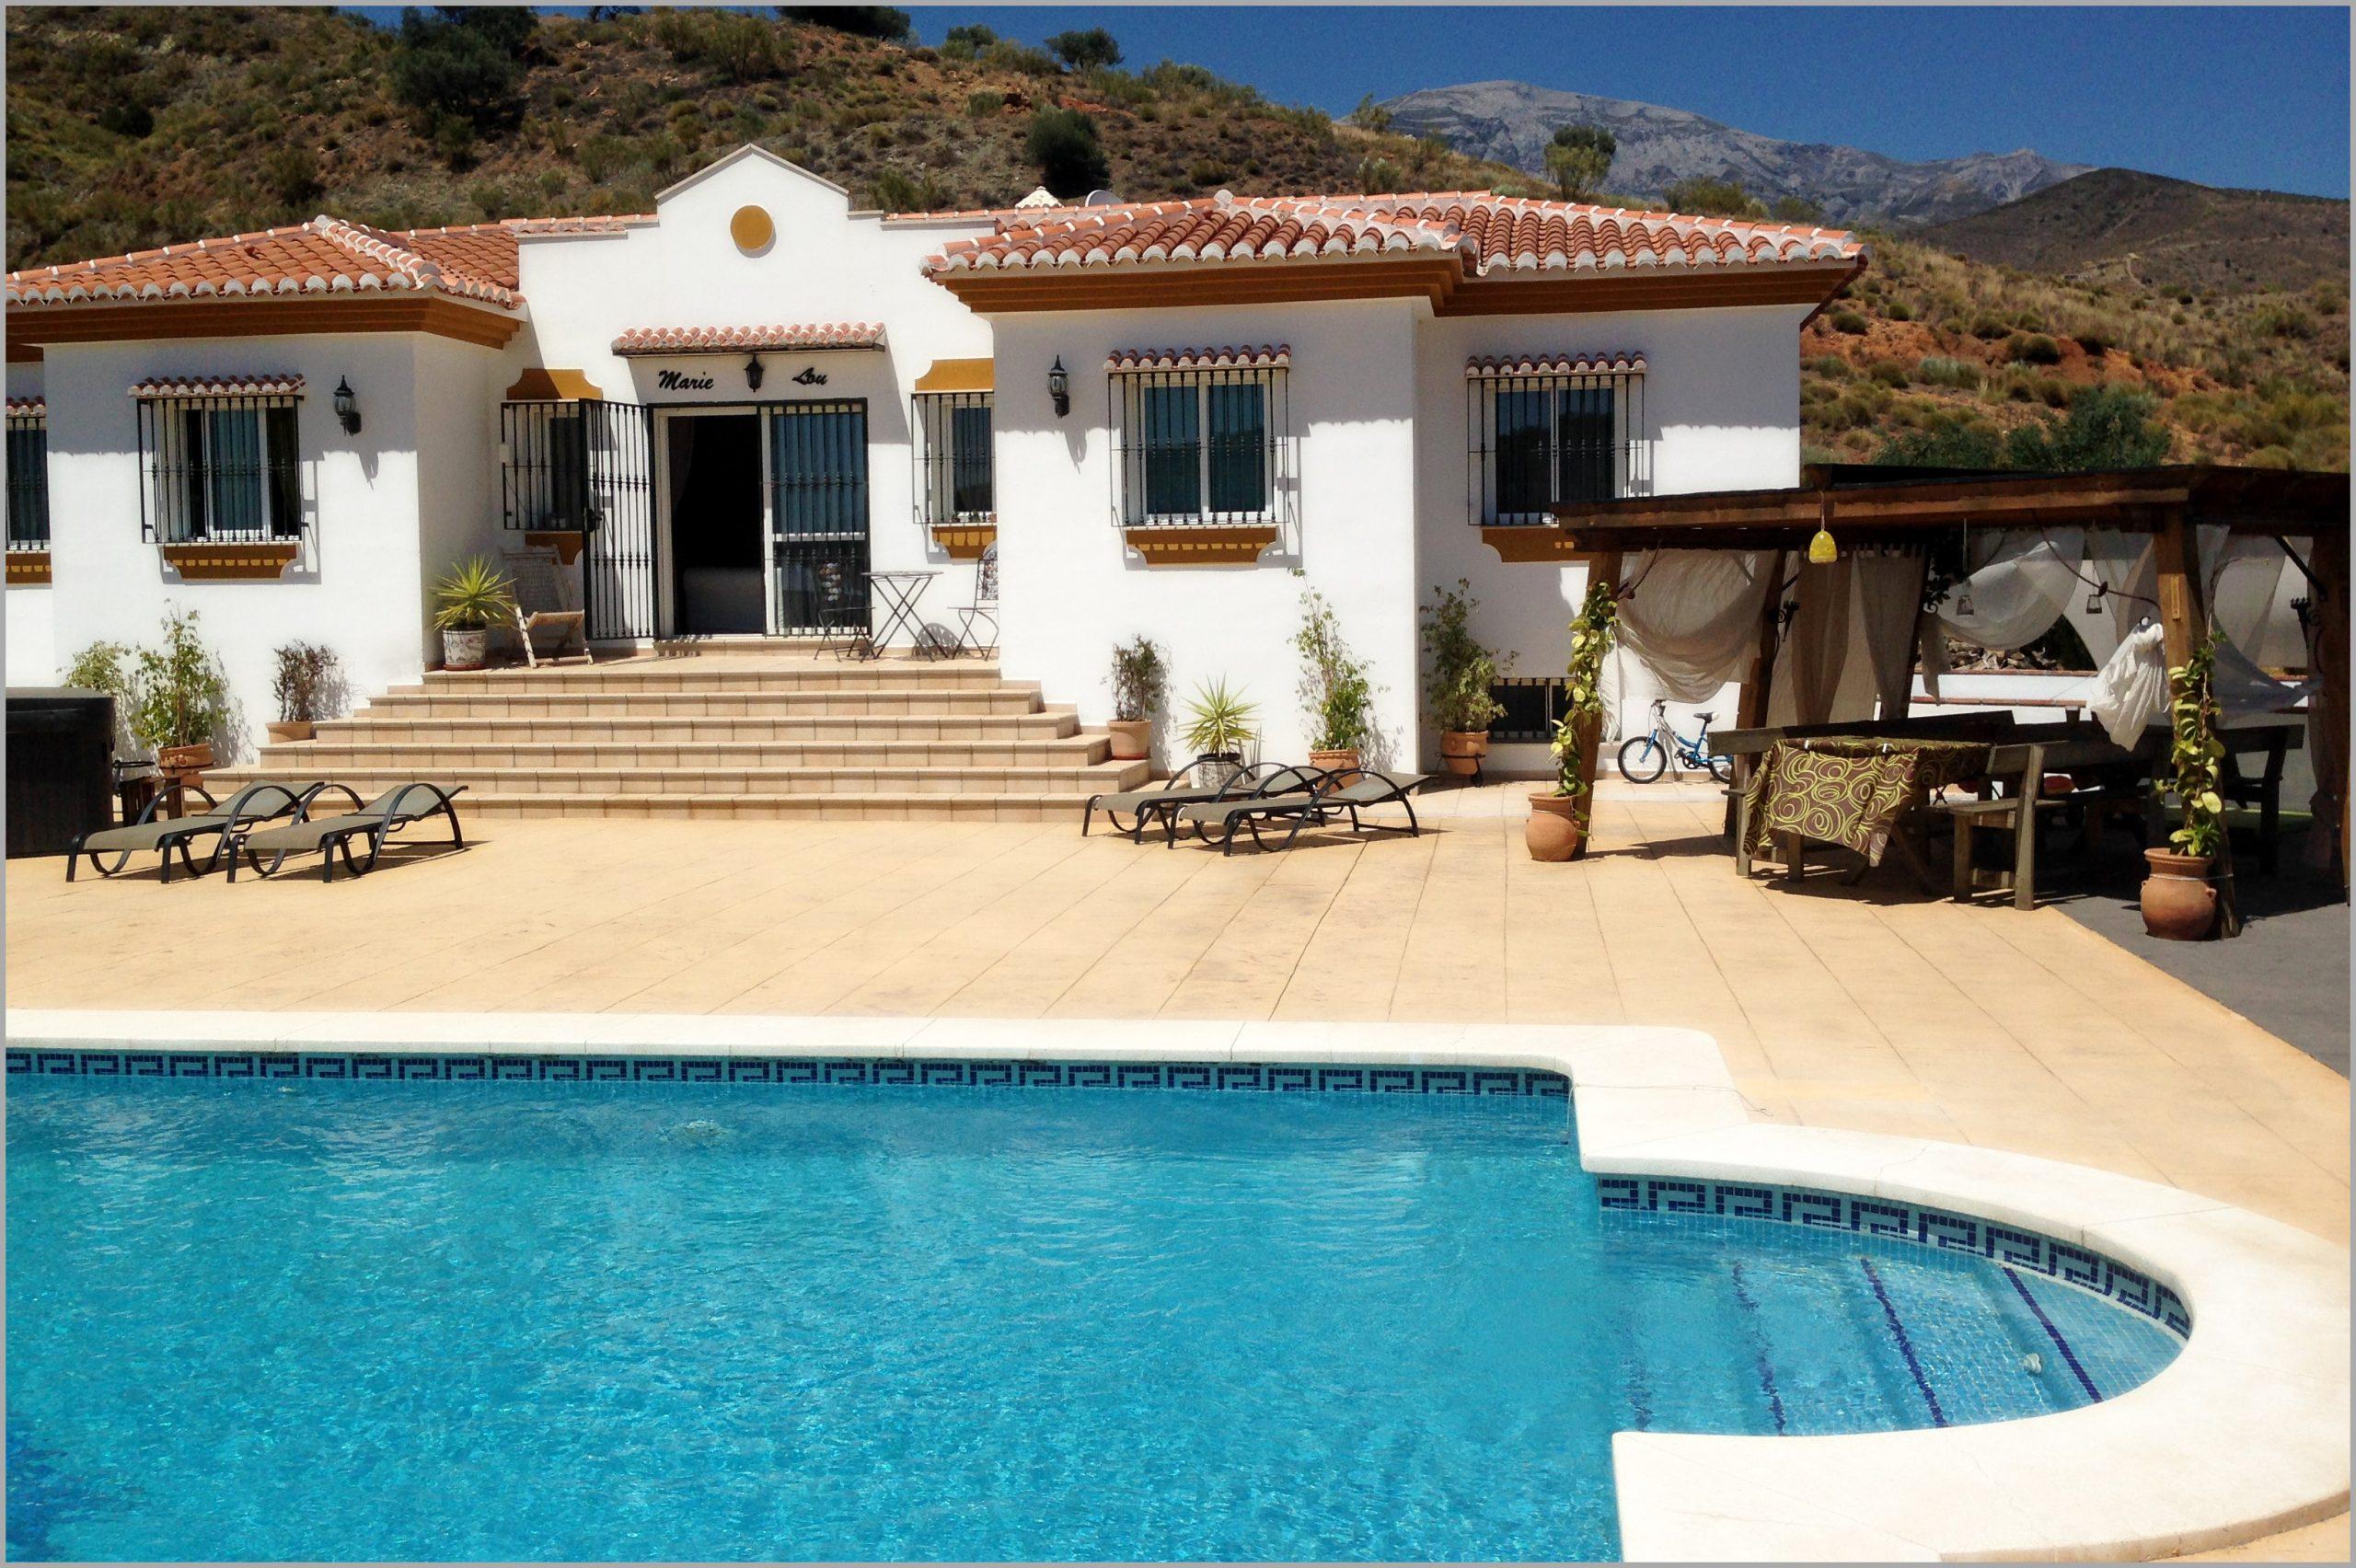 Location Maison Avec Piscine Sans Vis A Vis Espagne ... serapportantà Location Maison Avec Piscine Privée Espagne